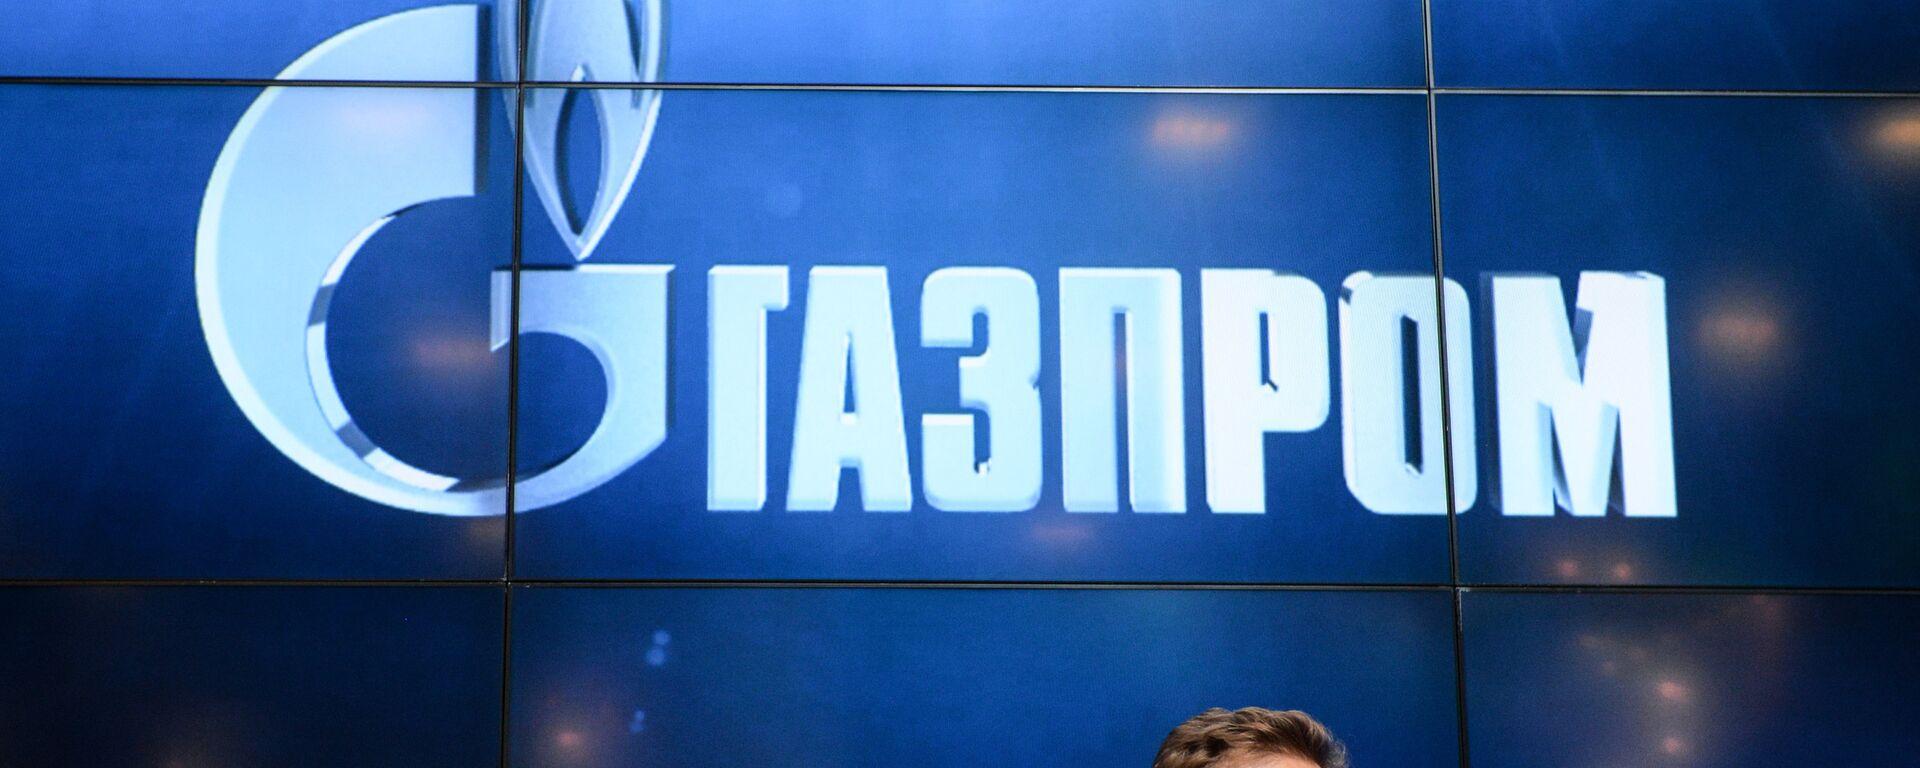 Logo della Gazprom russa - Sputnik World, 1920, 27.09.2021